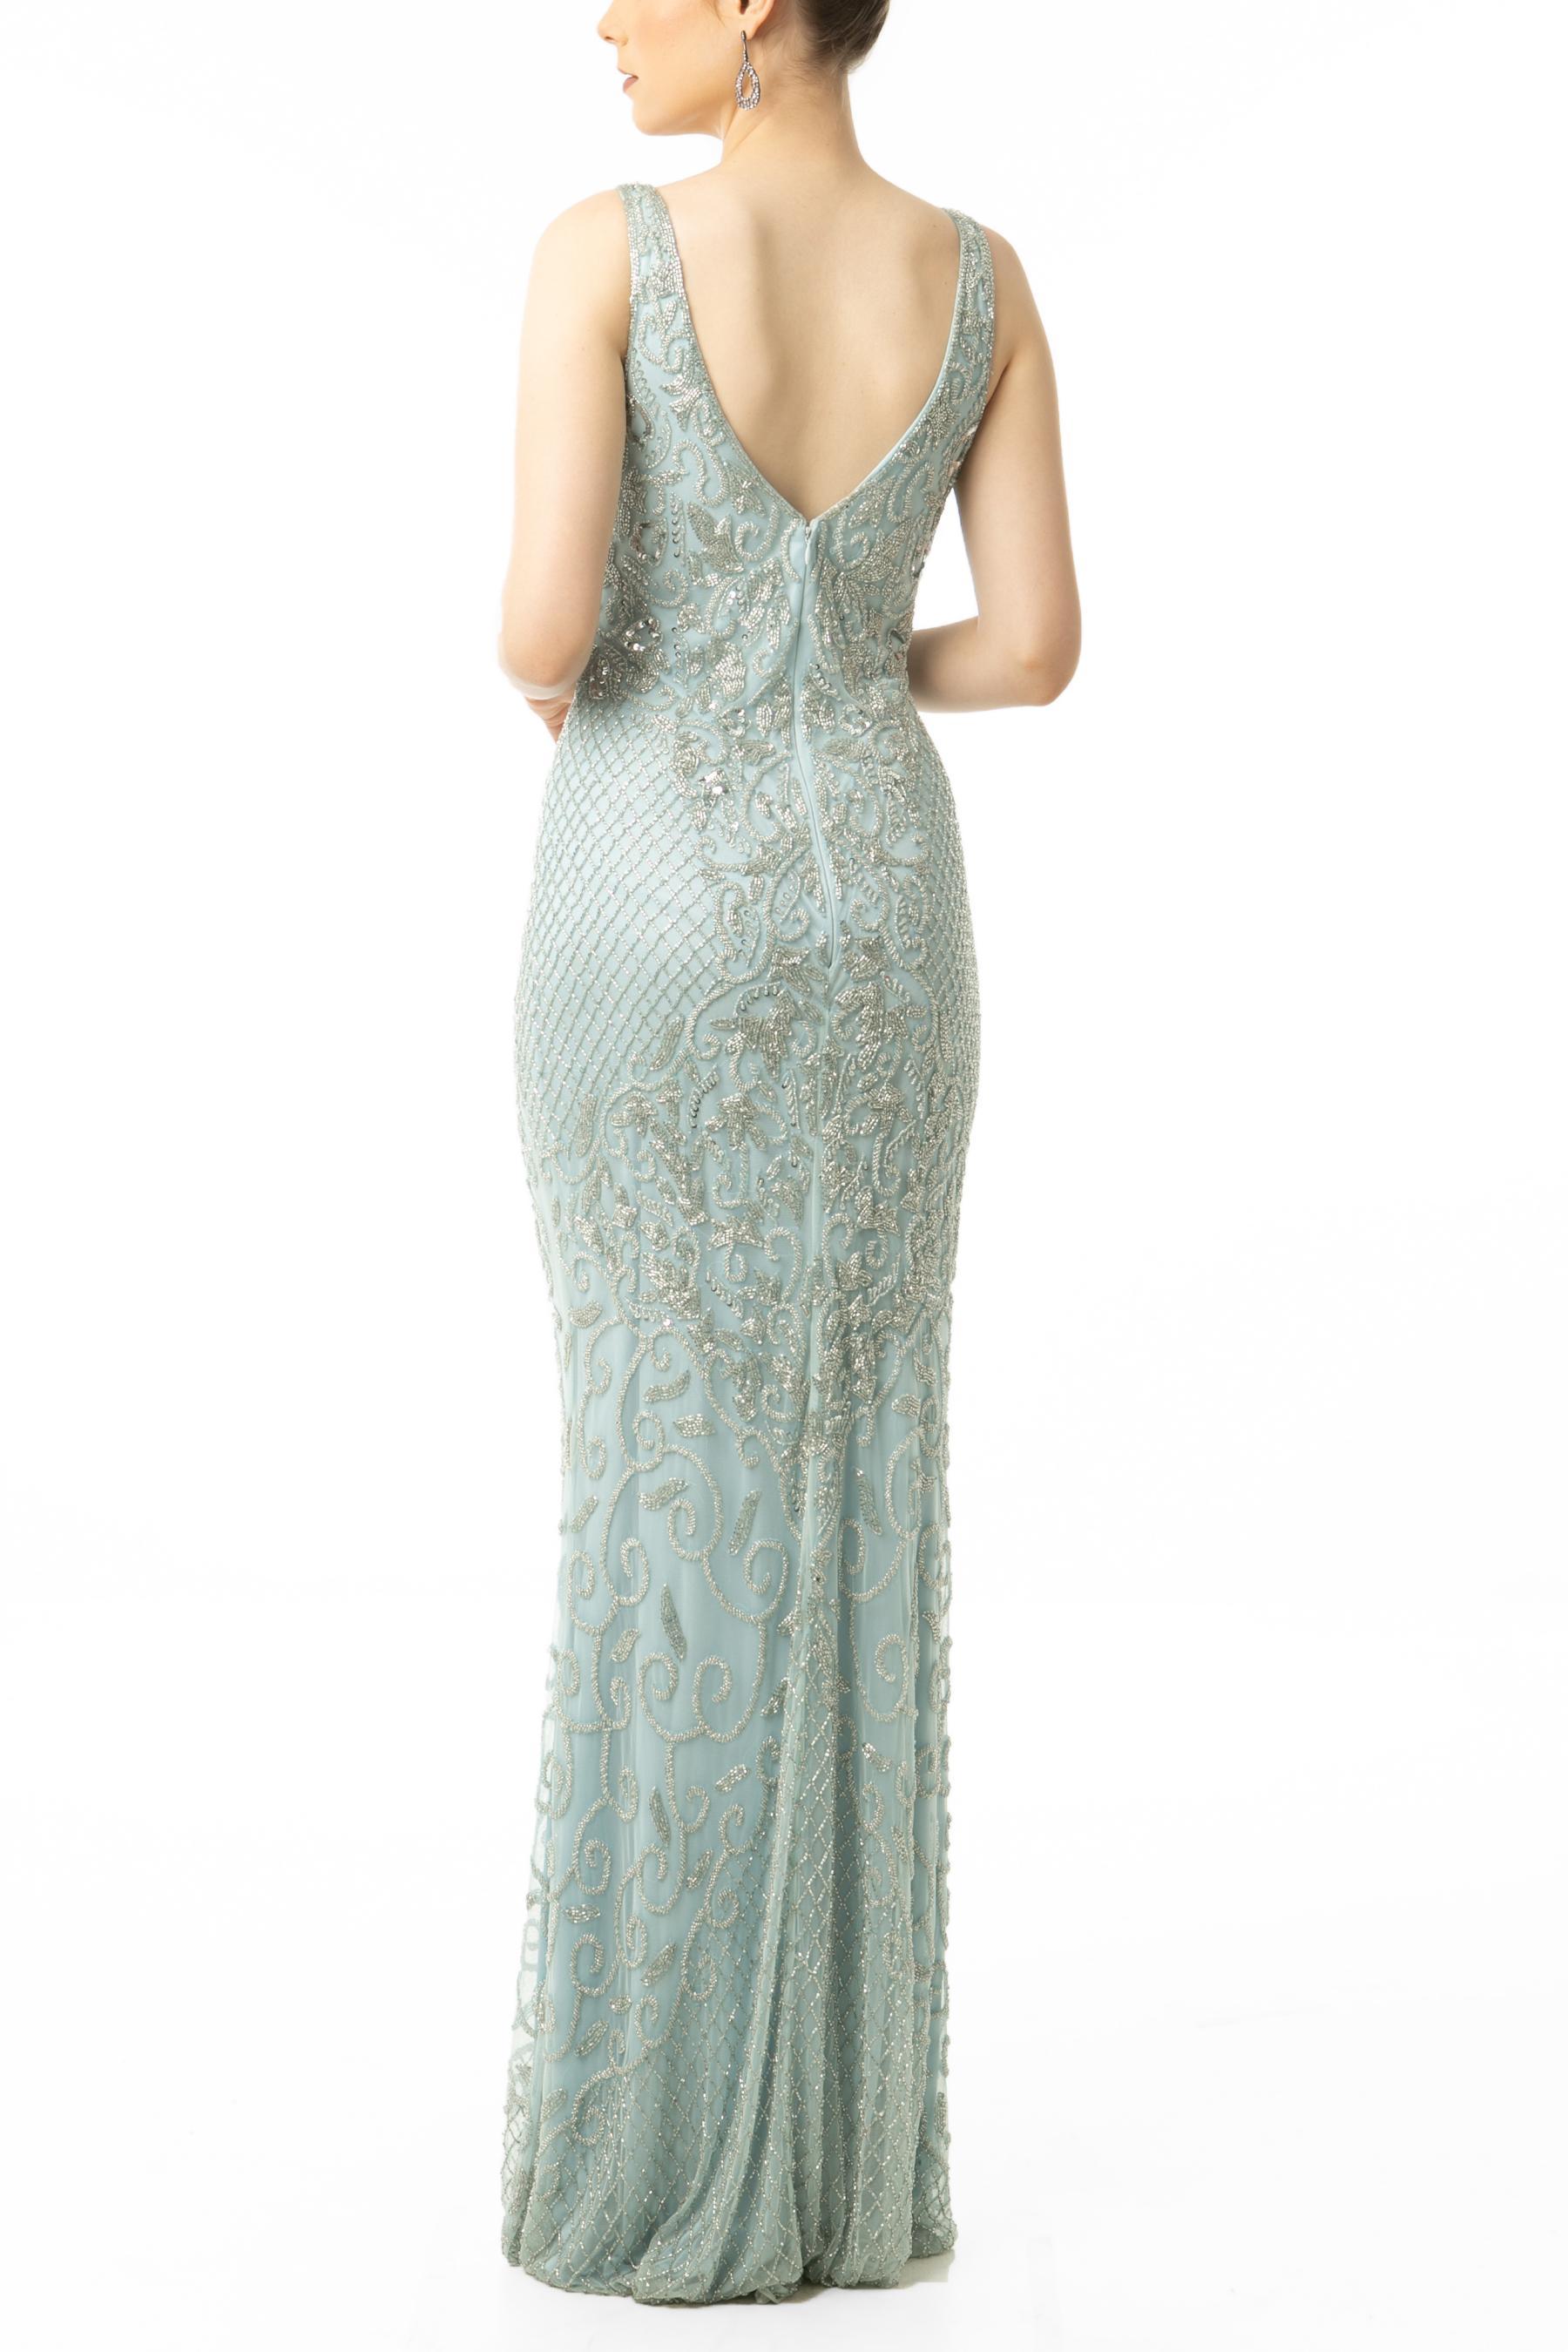 Vestido Azi Prime Collection